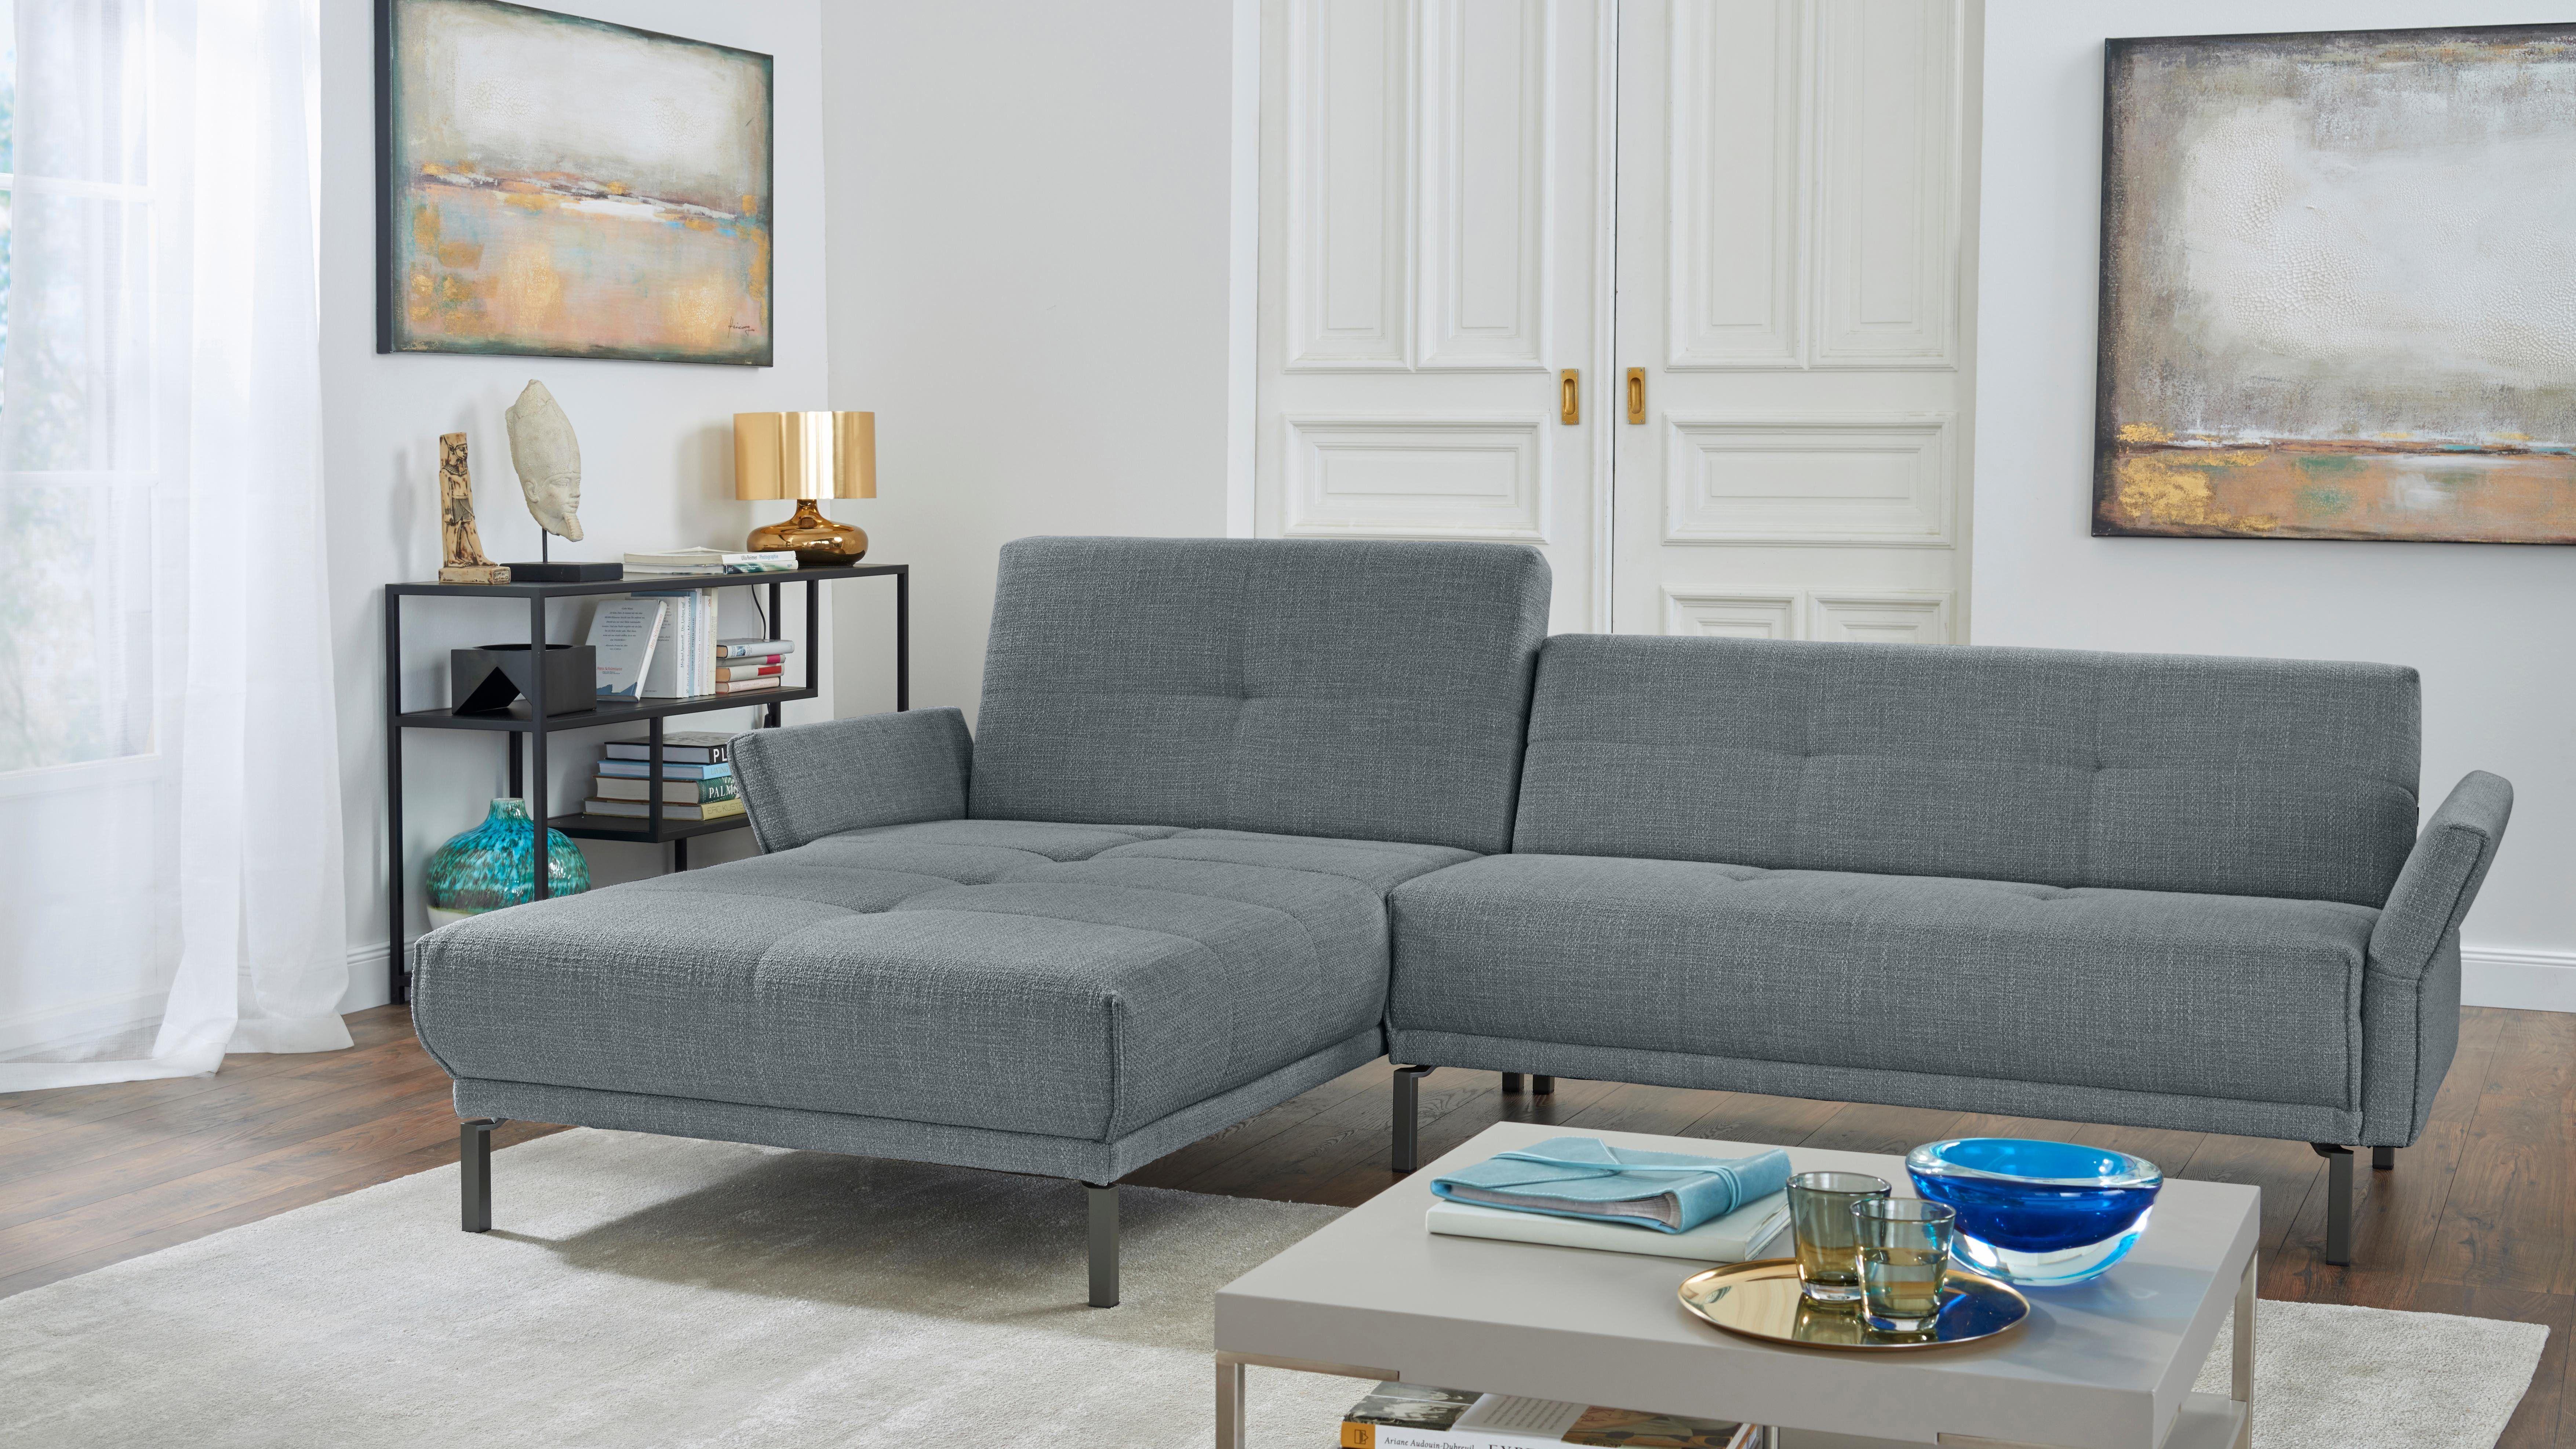 Amüsant Sofa Mit Verstellbarer Rückenlehne Das Beste Von Hülsta Polsterecke »hs.410Â« Verstellbaren Arm- Und Rückenlehnen